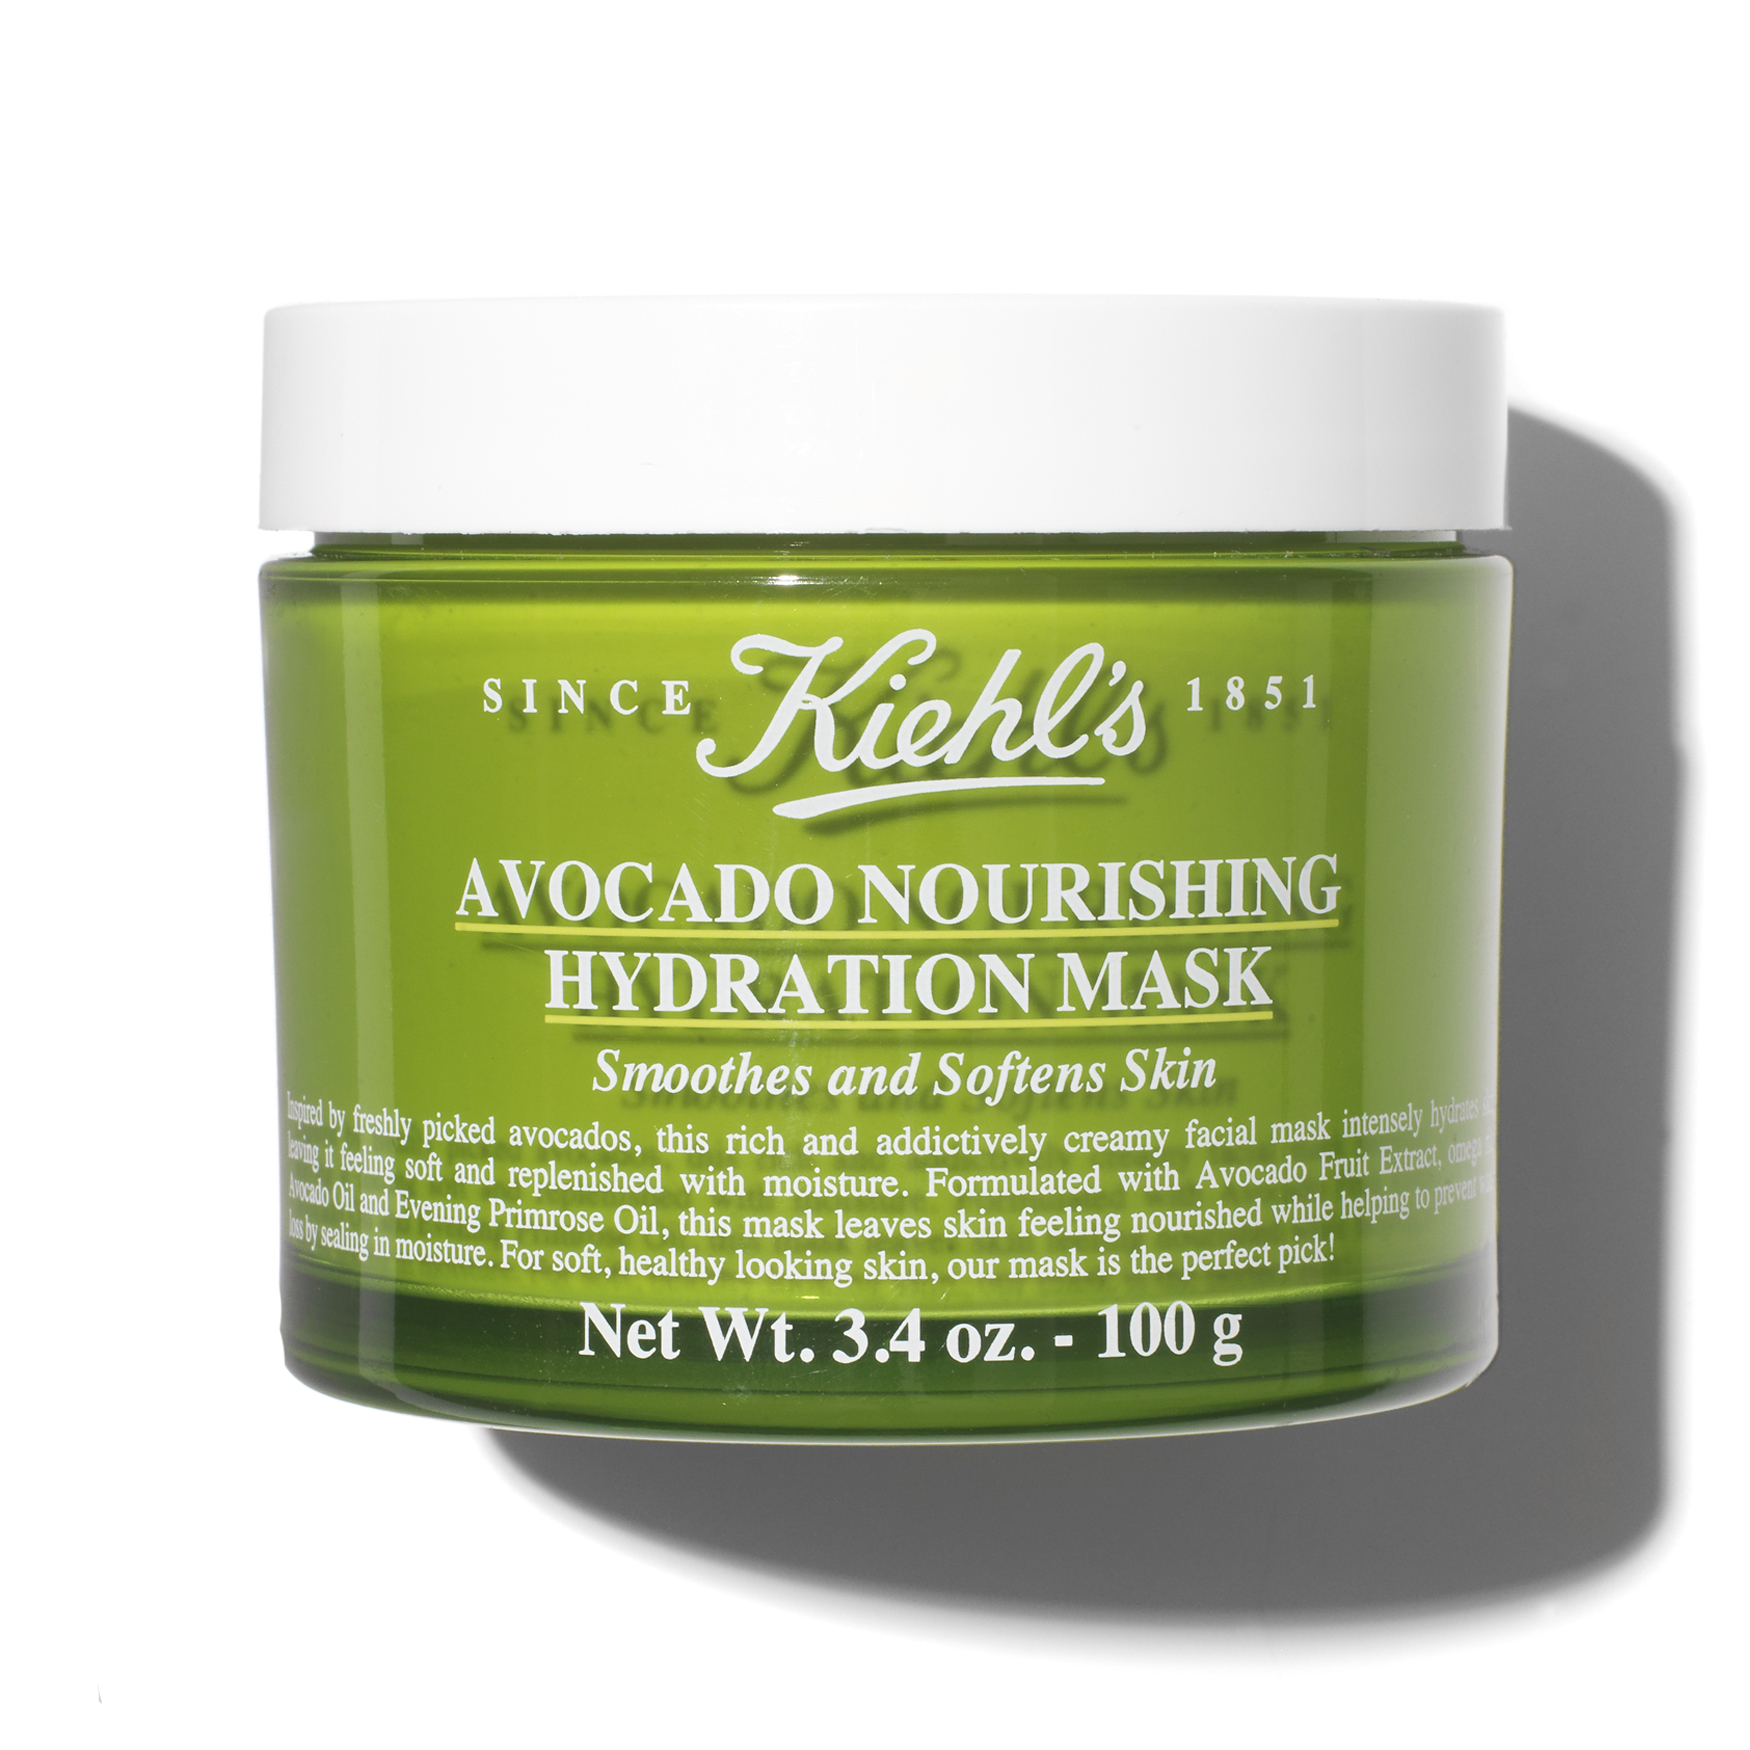 Avocado Nourishing Hydration Mask, , large